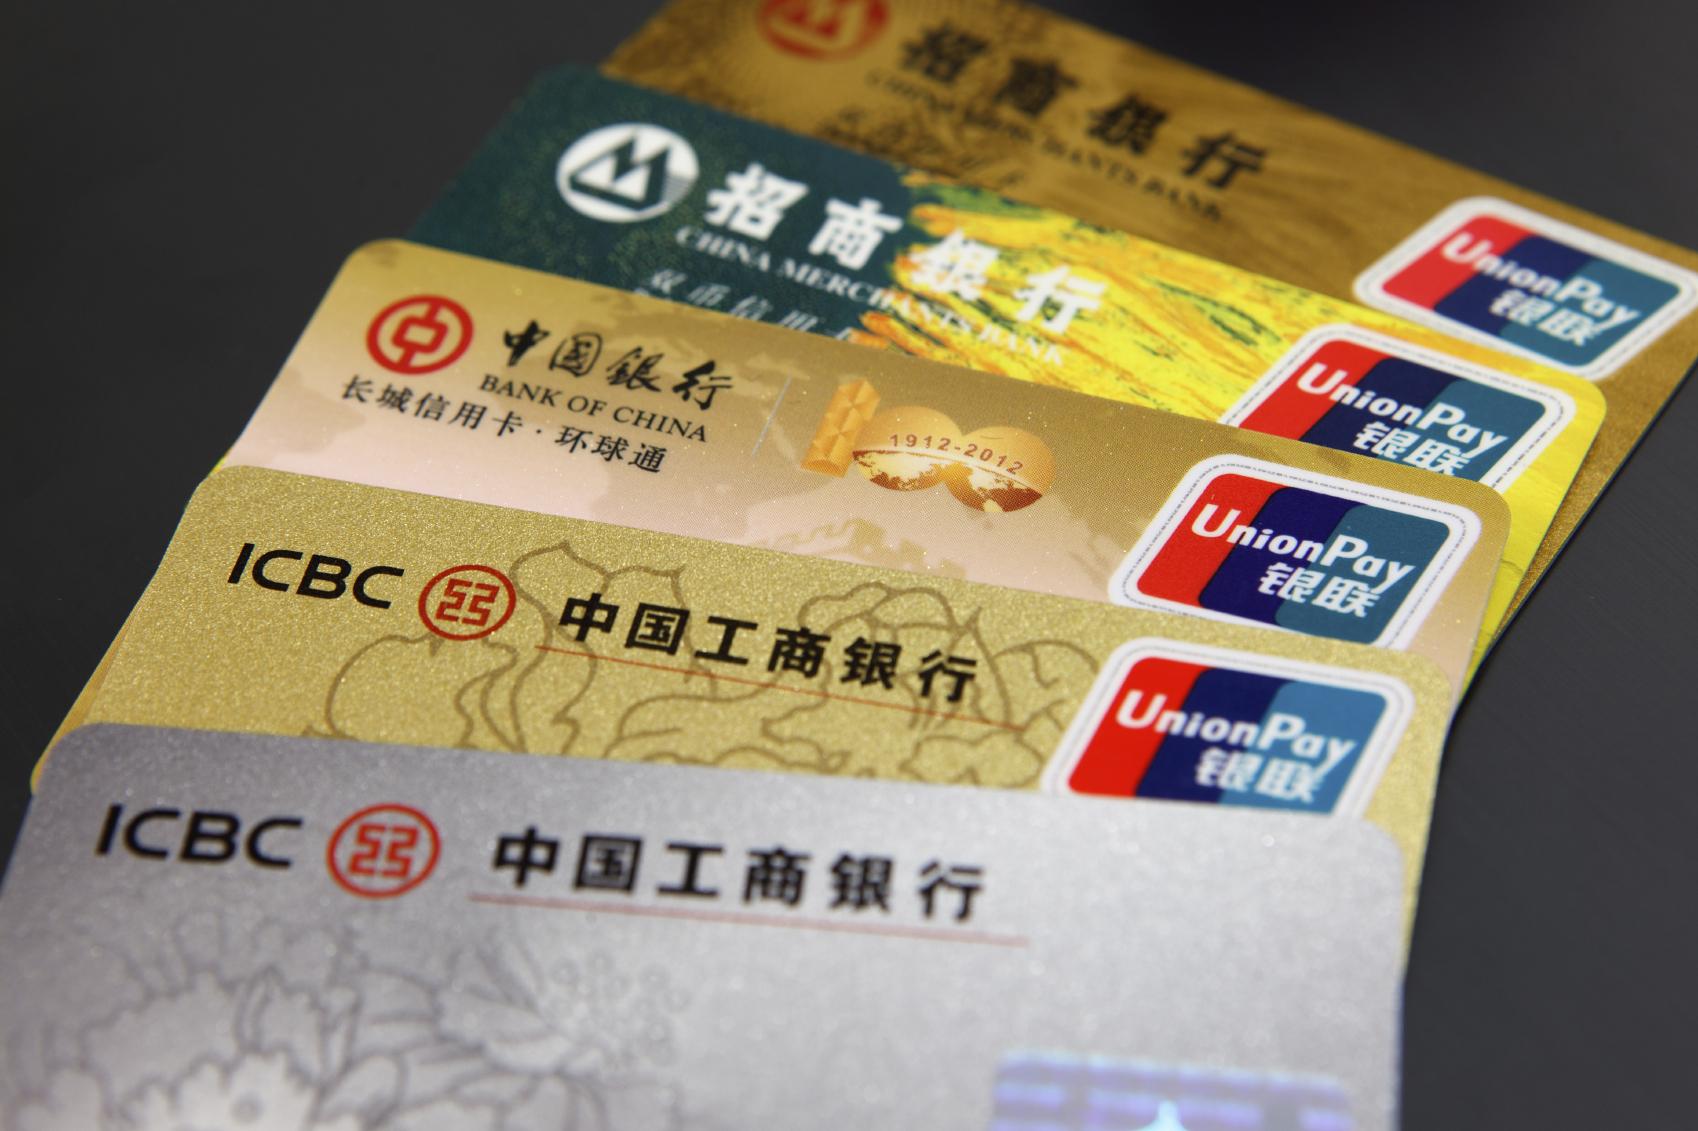 china bank internationalisation project